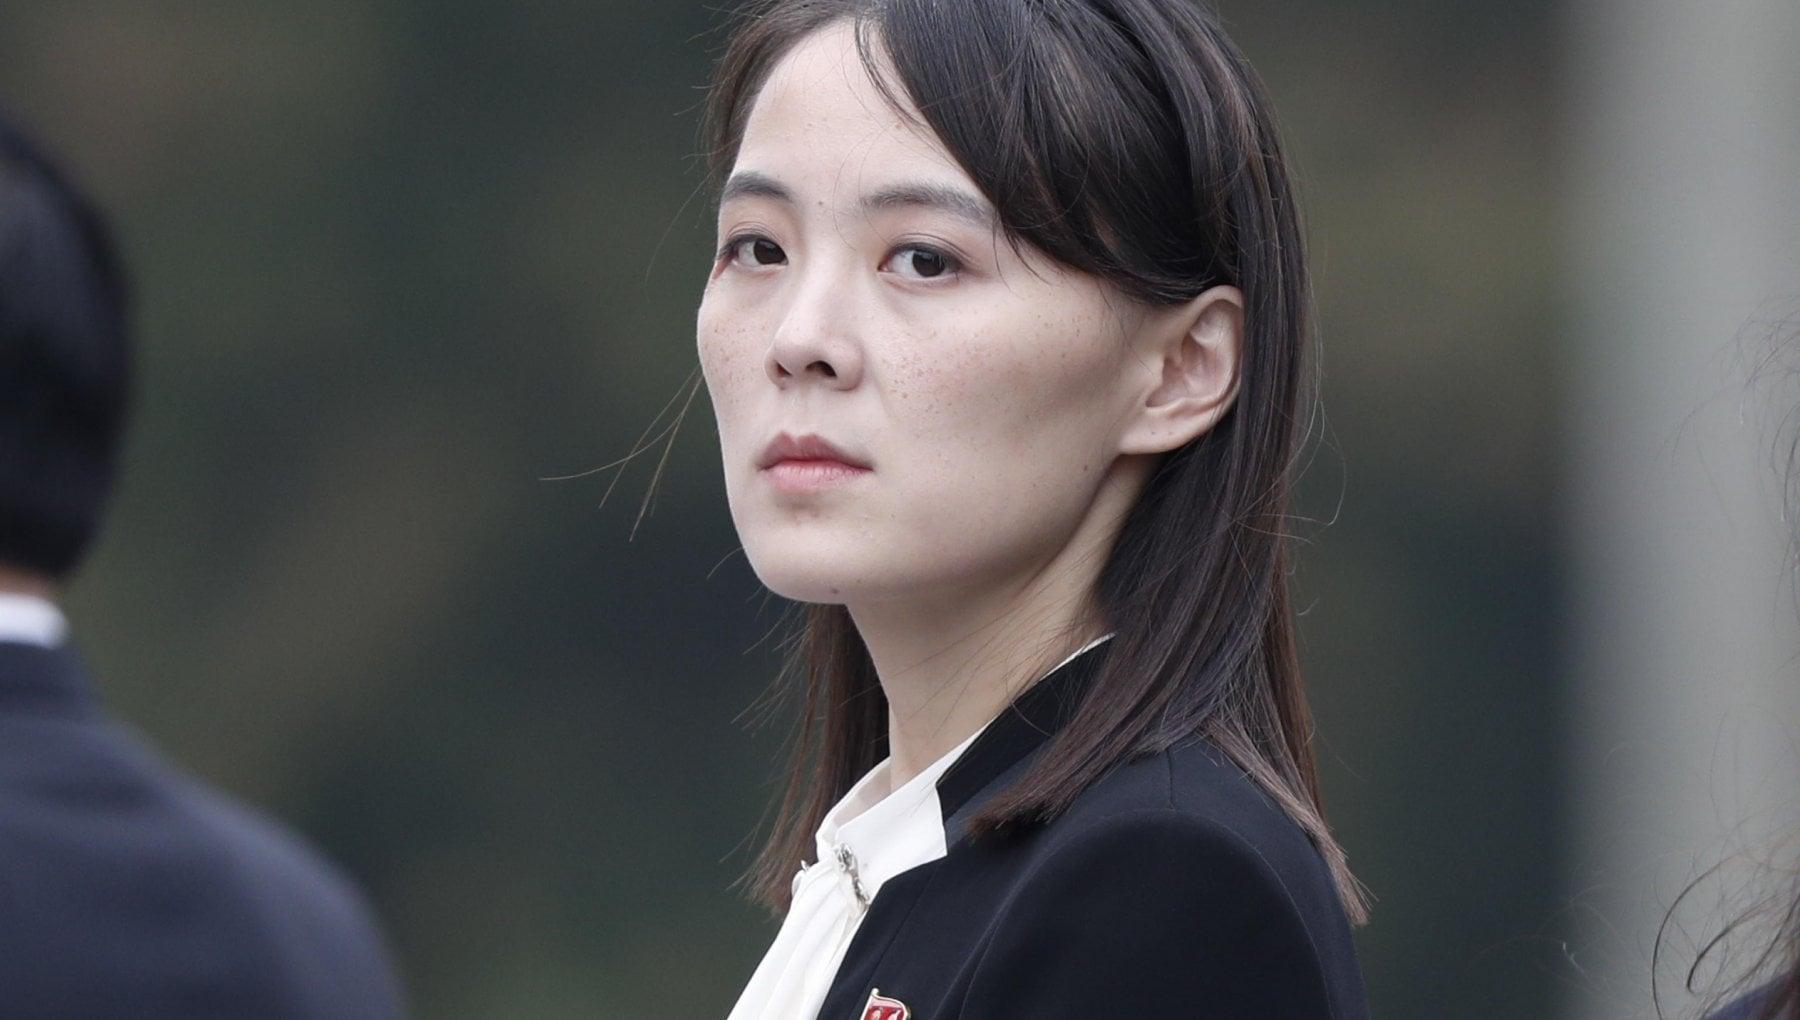 """093254536 a1ac1963 7c83 412c 8816 261e03941a26 - Corea del Nord, la sorella di Kim minaccia gli Usa: """"Basta esercitazioni con Seul o romperemo accordi"""""""